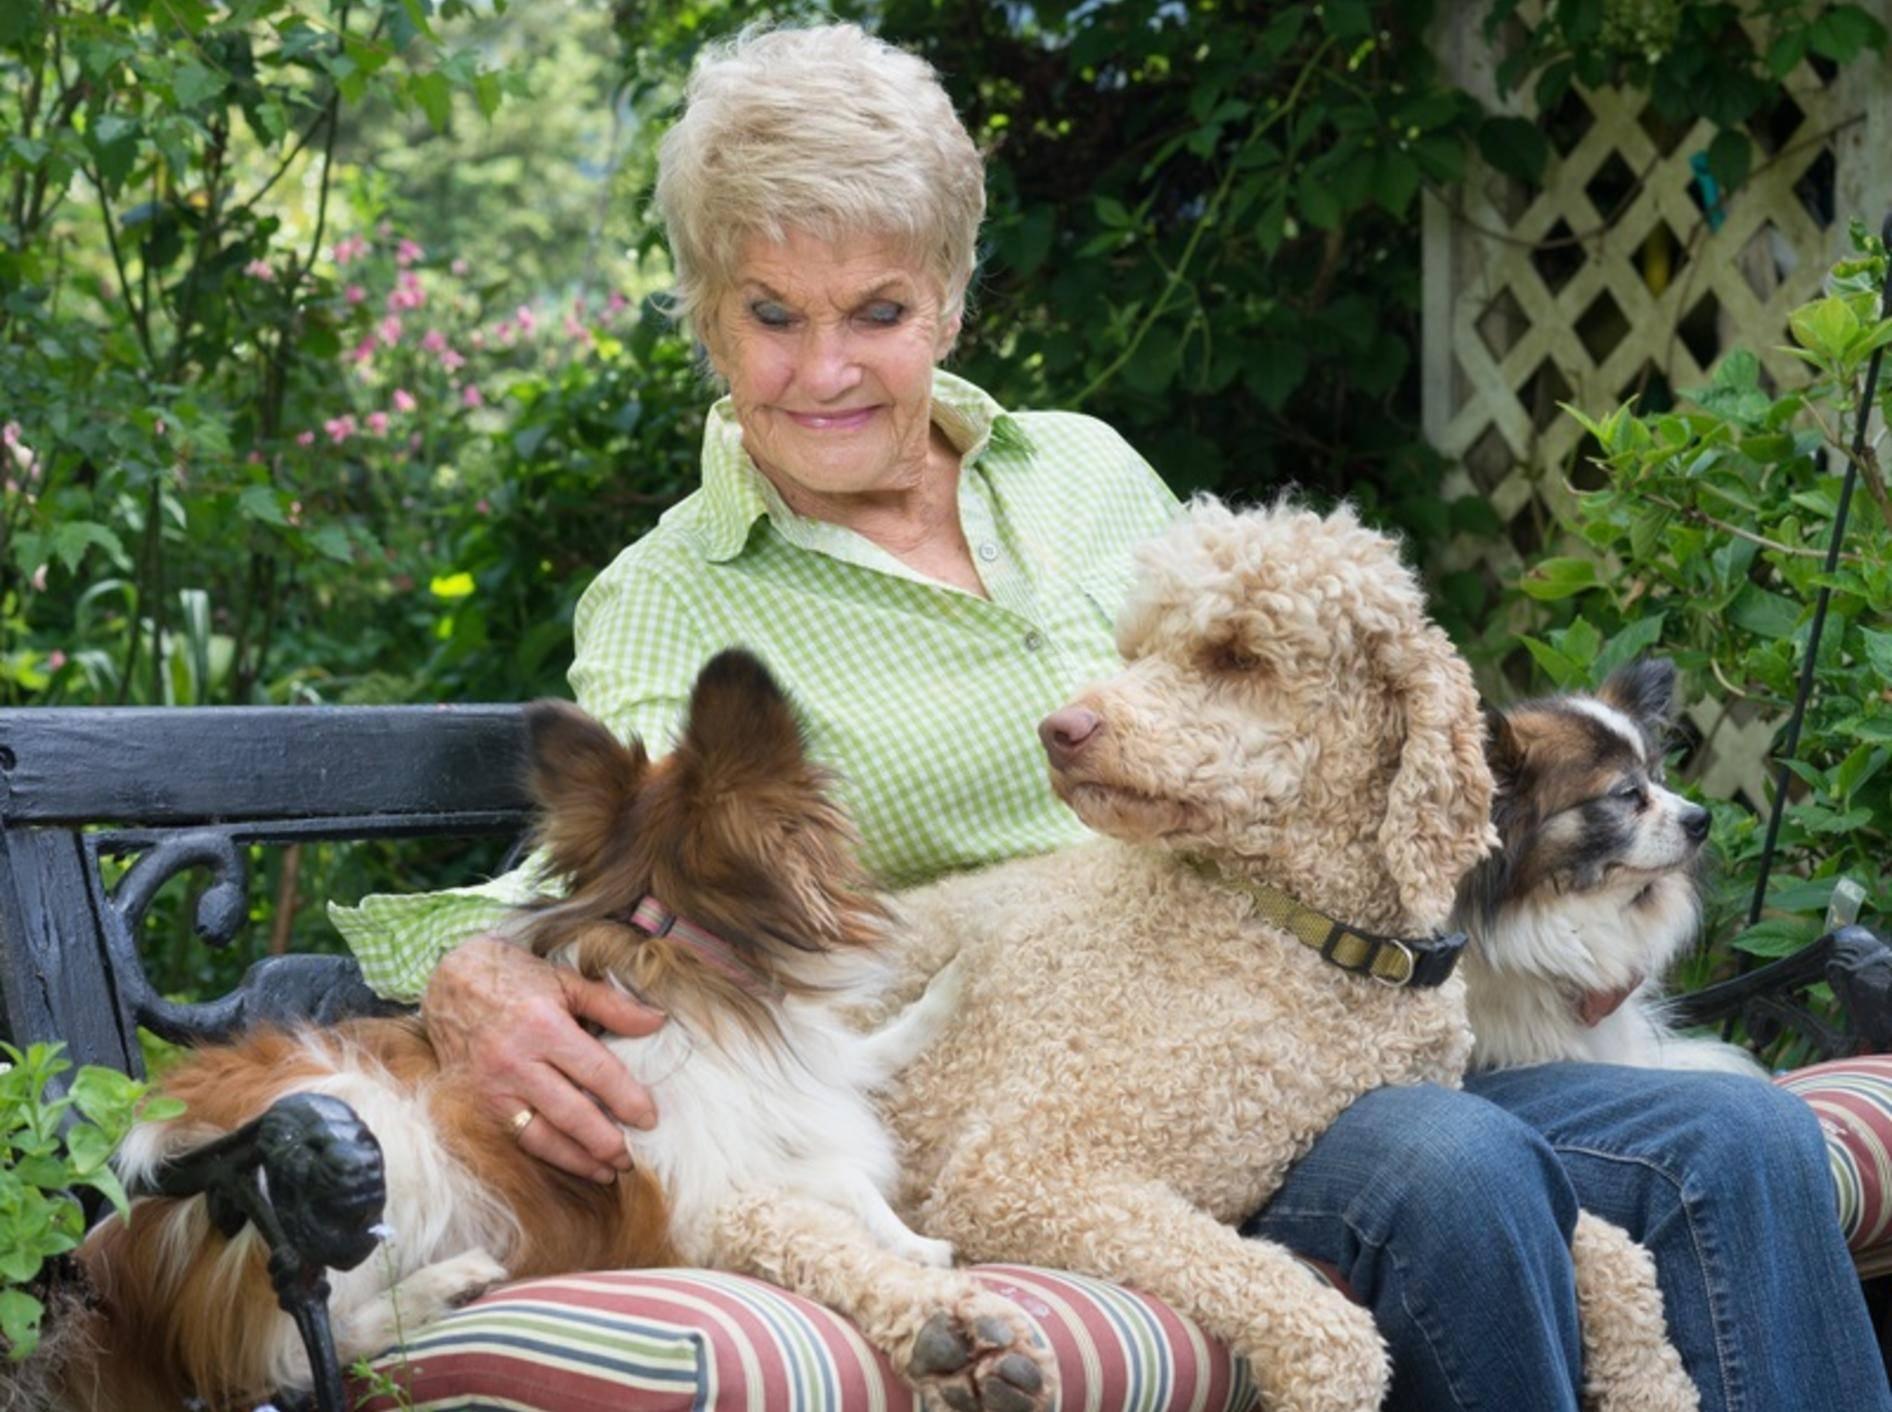 Einfach nur schön, für die sympathische Dame scheint Hundesitting genau richtig zu sein! – Shutterstock / Jamie Hooper